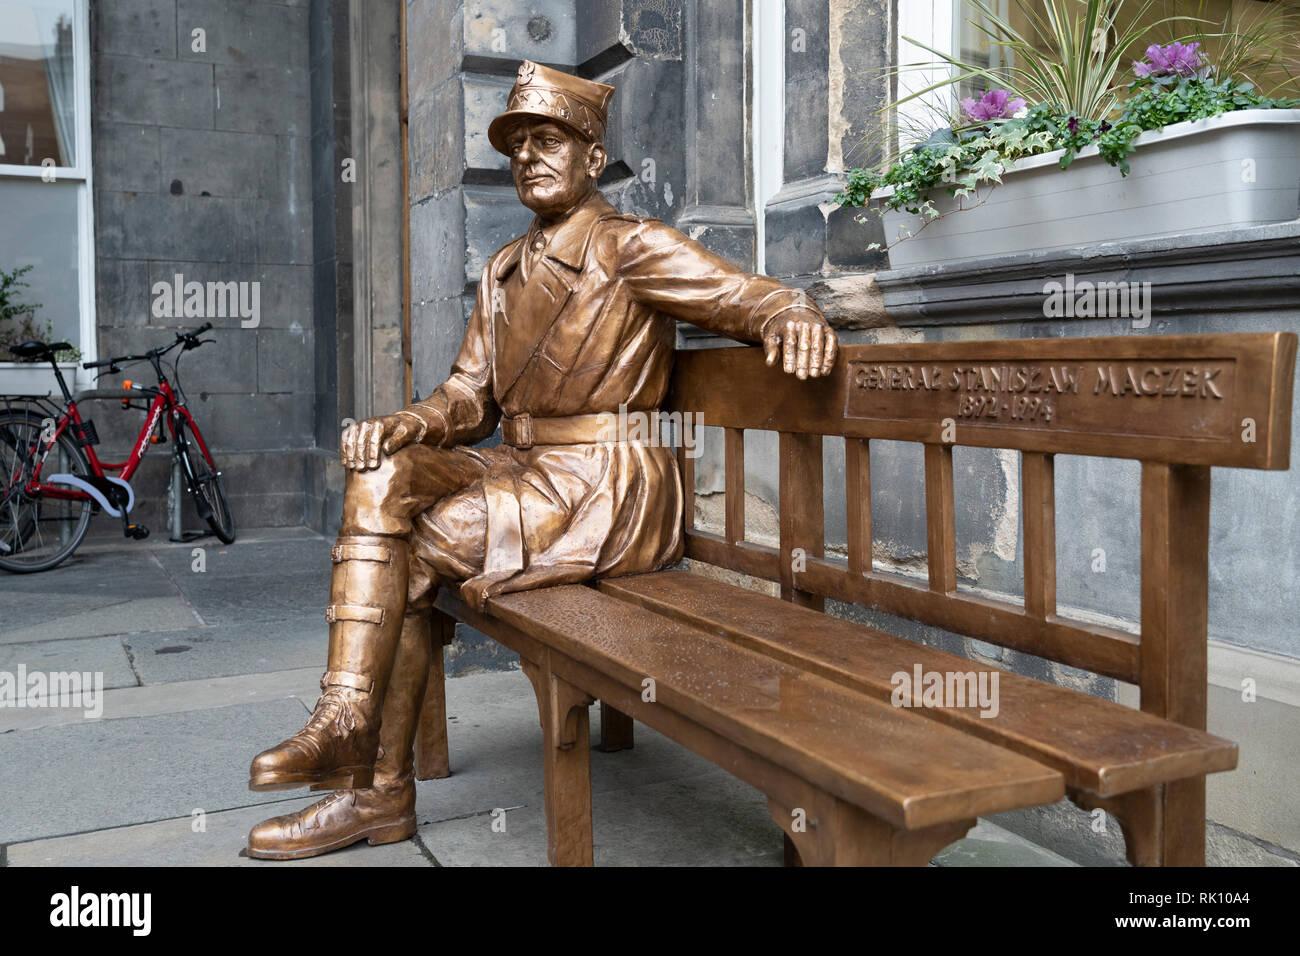 Statue of Polish war hero General Stanislaw Maczek at City chambers in Edinburgh Old Town, Scotland, UK Stock Photo